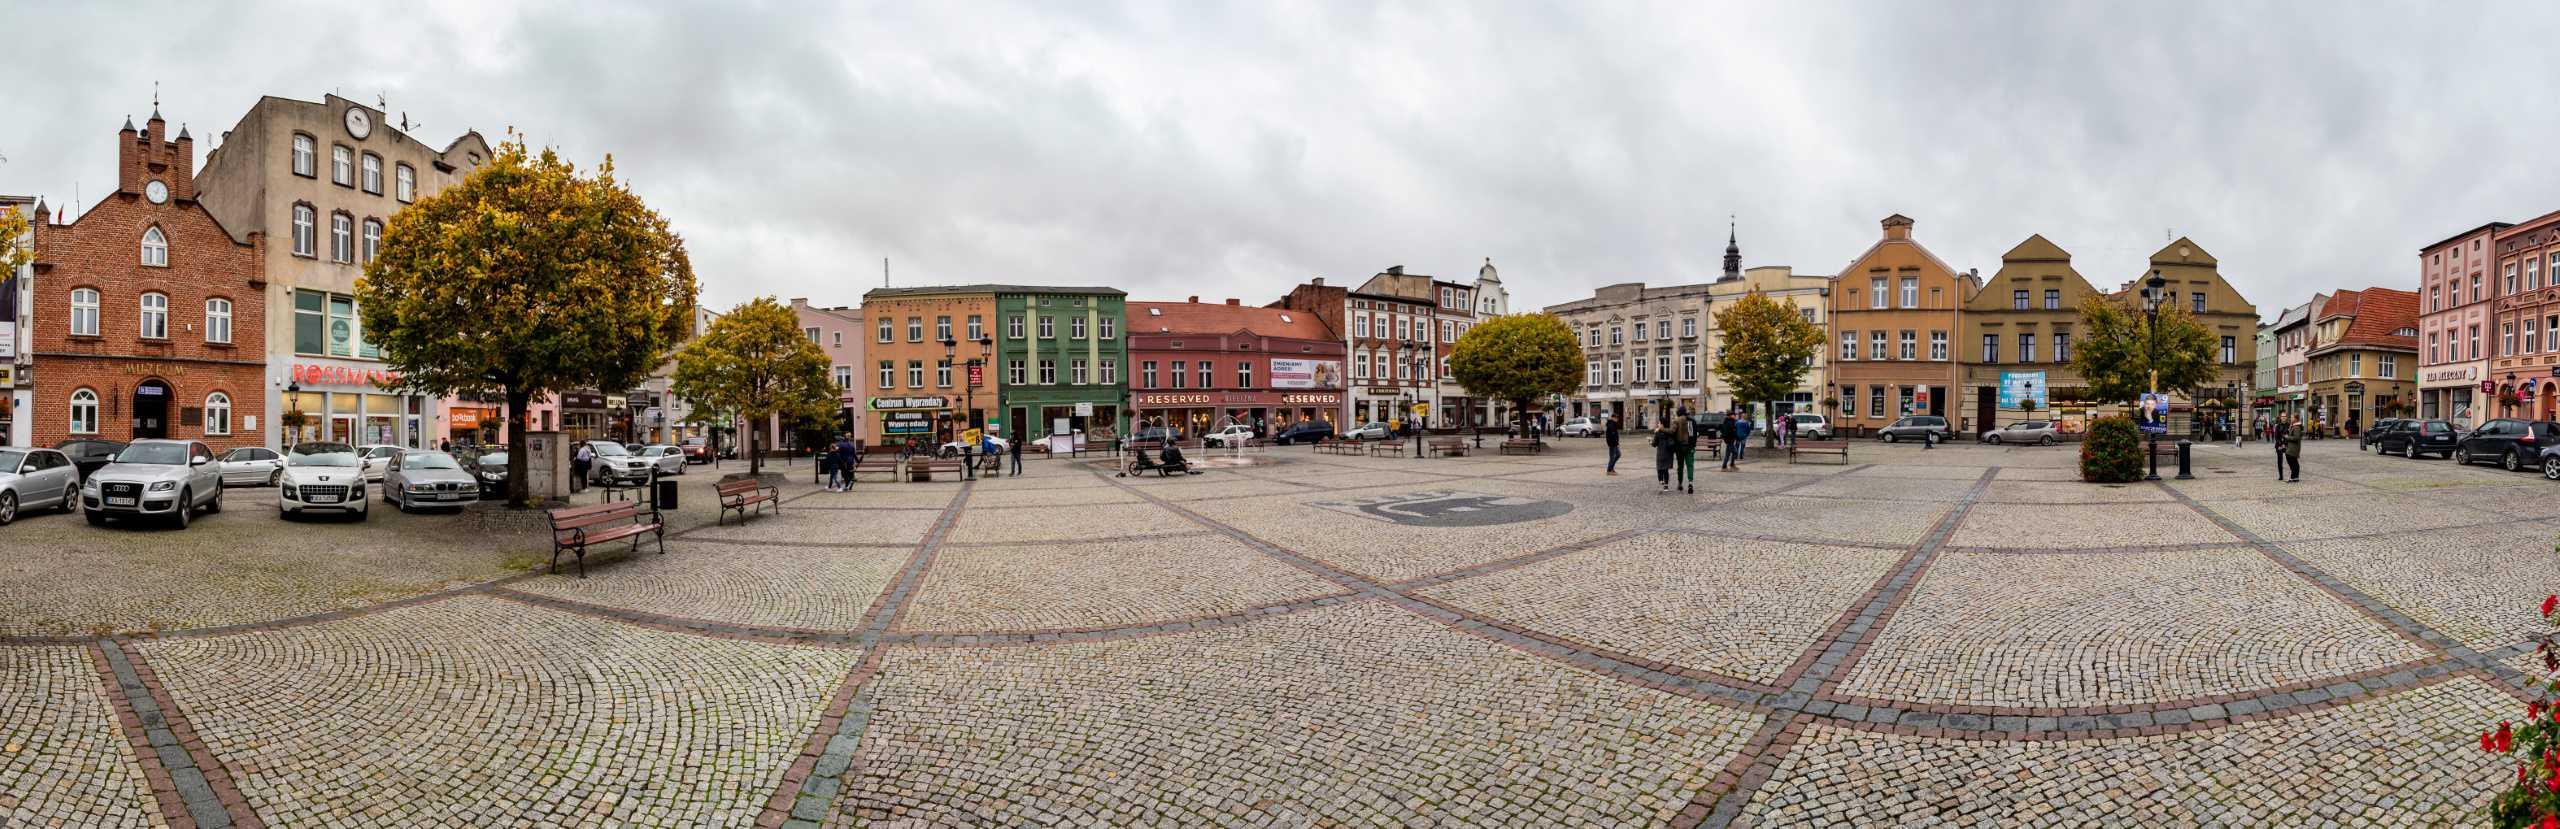 Koscierzyna starówka panorama skweru Kaszuby 67 - Muzeum kolejnictwa Kościerzyna